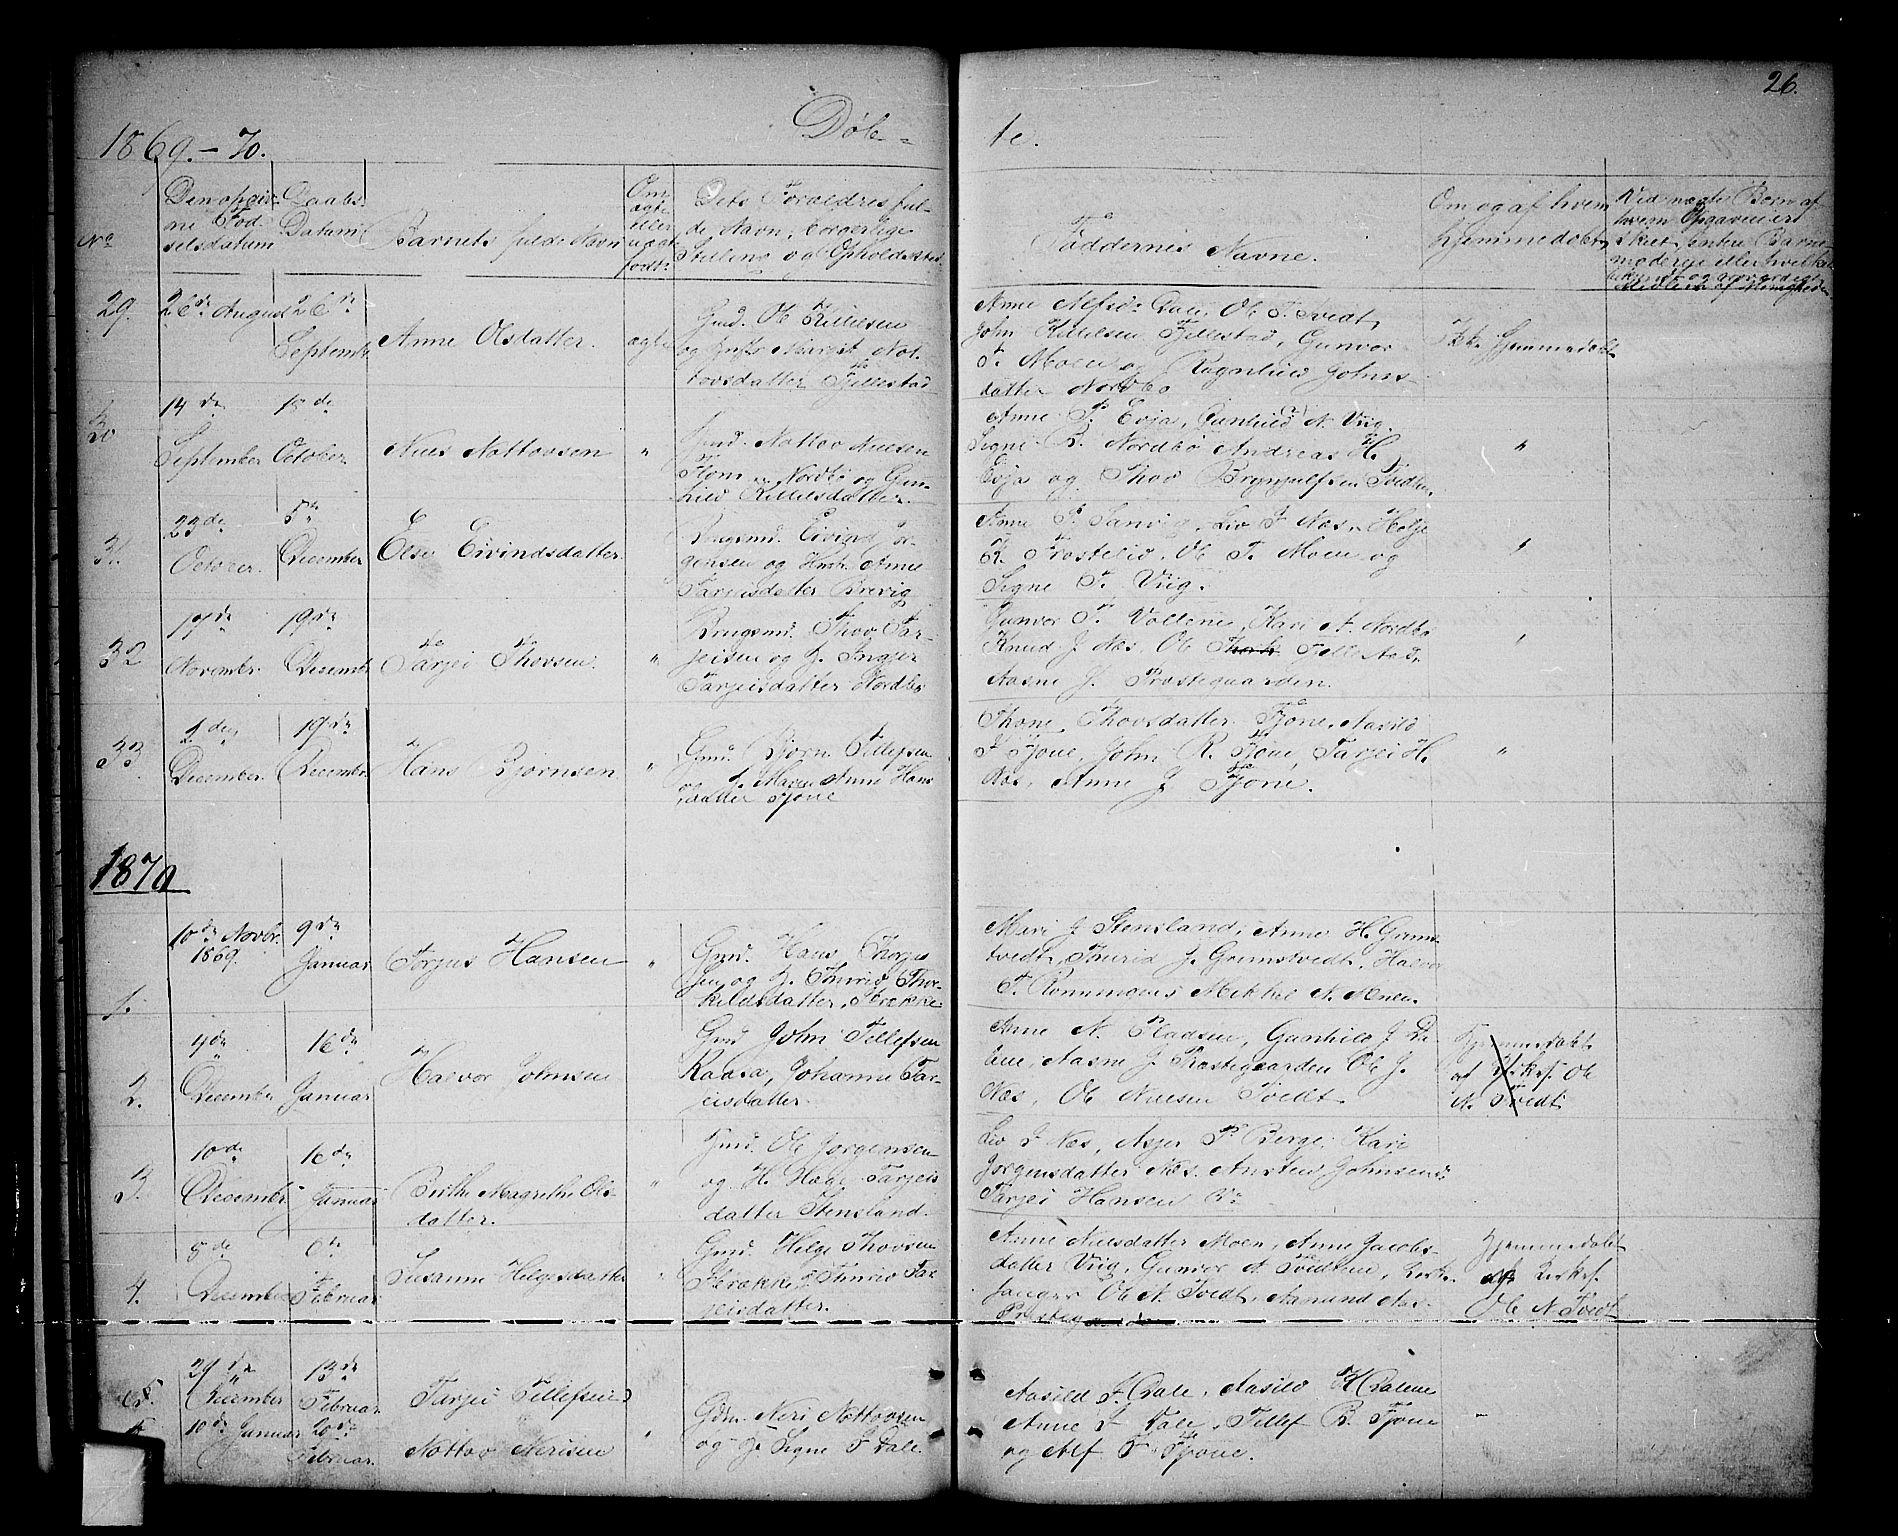 SAKO, Nissedal kirkebøker, G/Ga/L0002: Klokkerbok nr. I 2, 1861-1887, s. 26